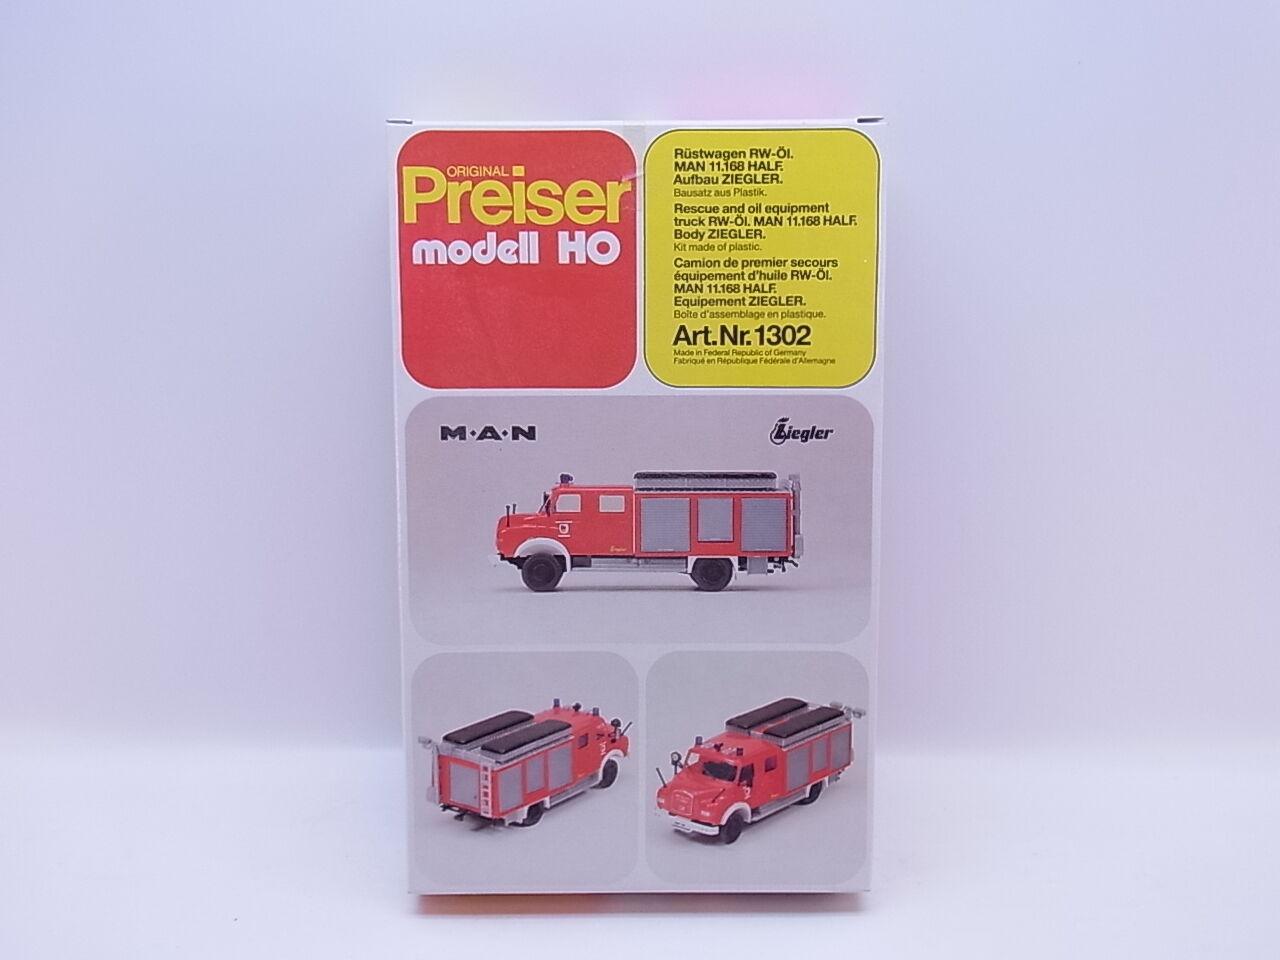 Lot 23611   preiser h0 1302 RÜSTWAGEN RW-pétrole on 11.168 nouveau dans neuf dans sa boîte